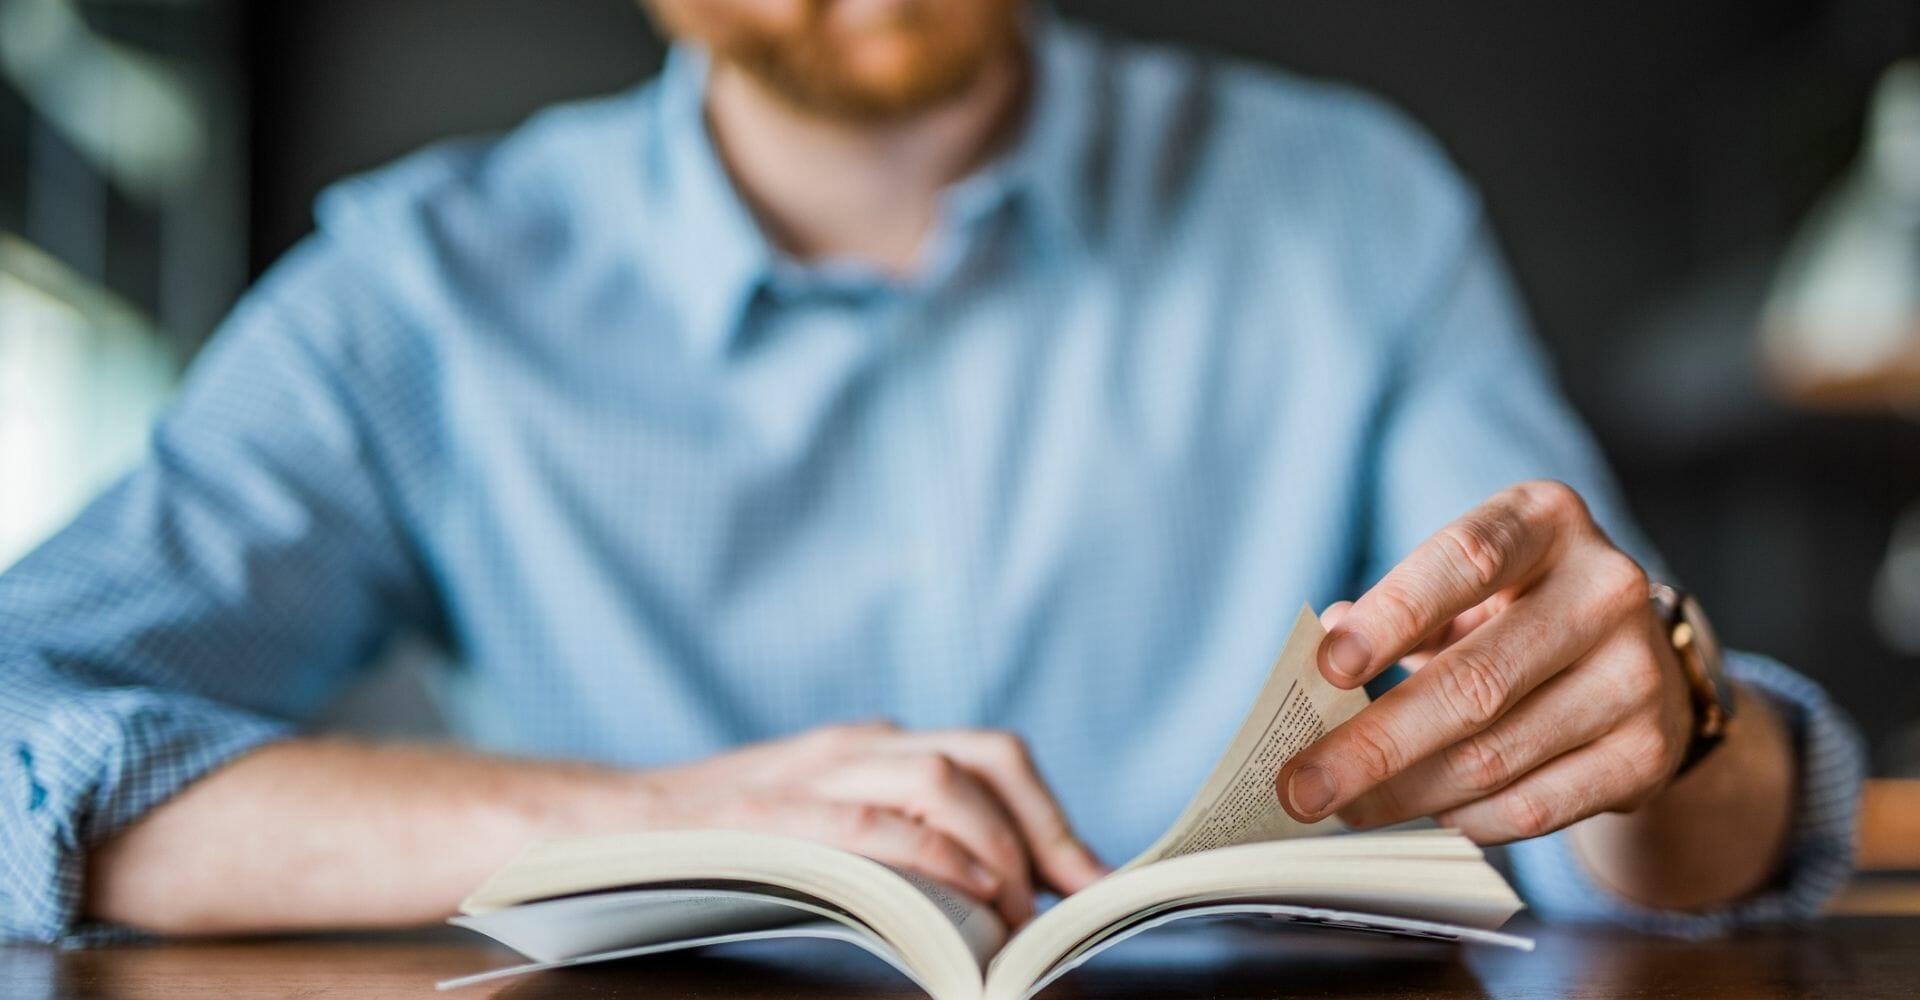 """Non ho letto """"quel"""" libro... posso definirmi un lettore?"""